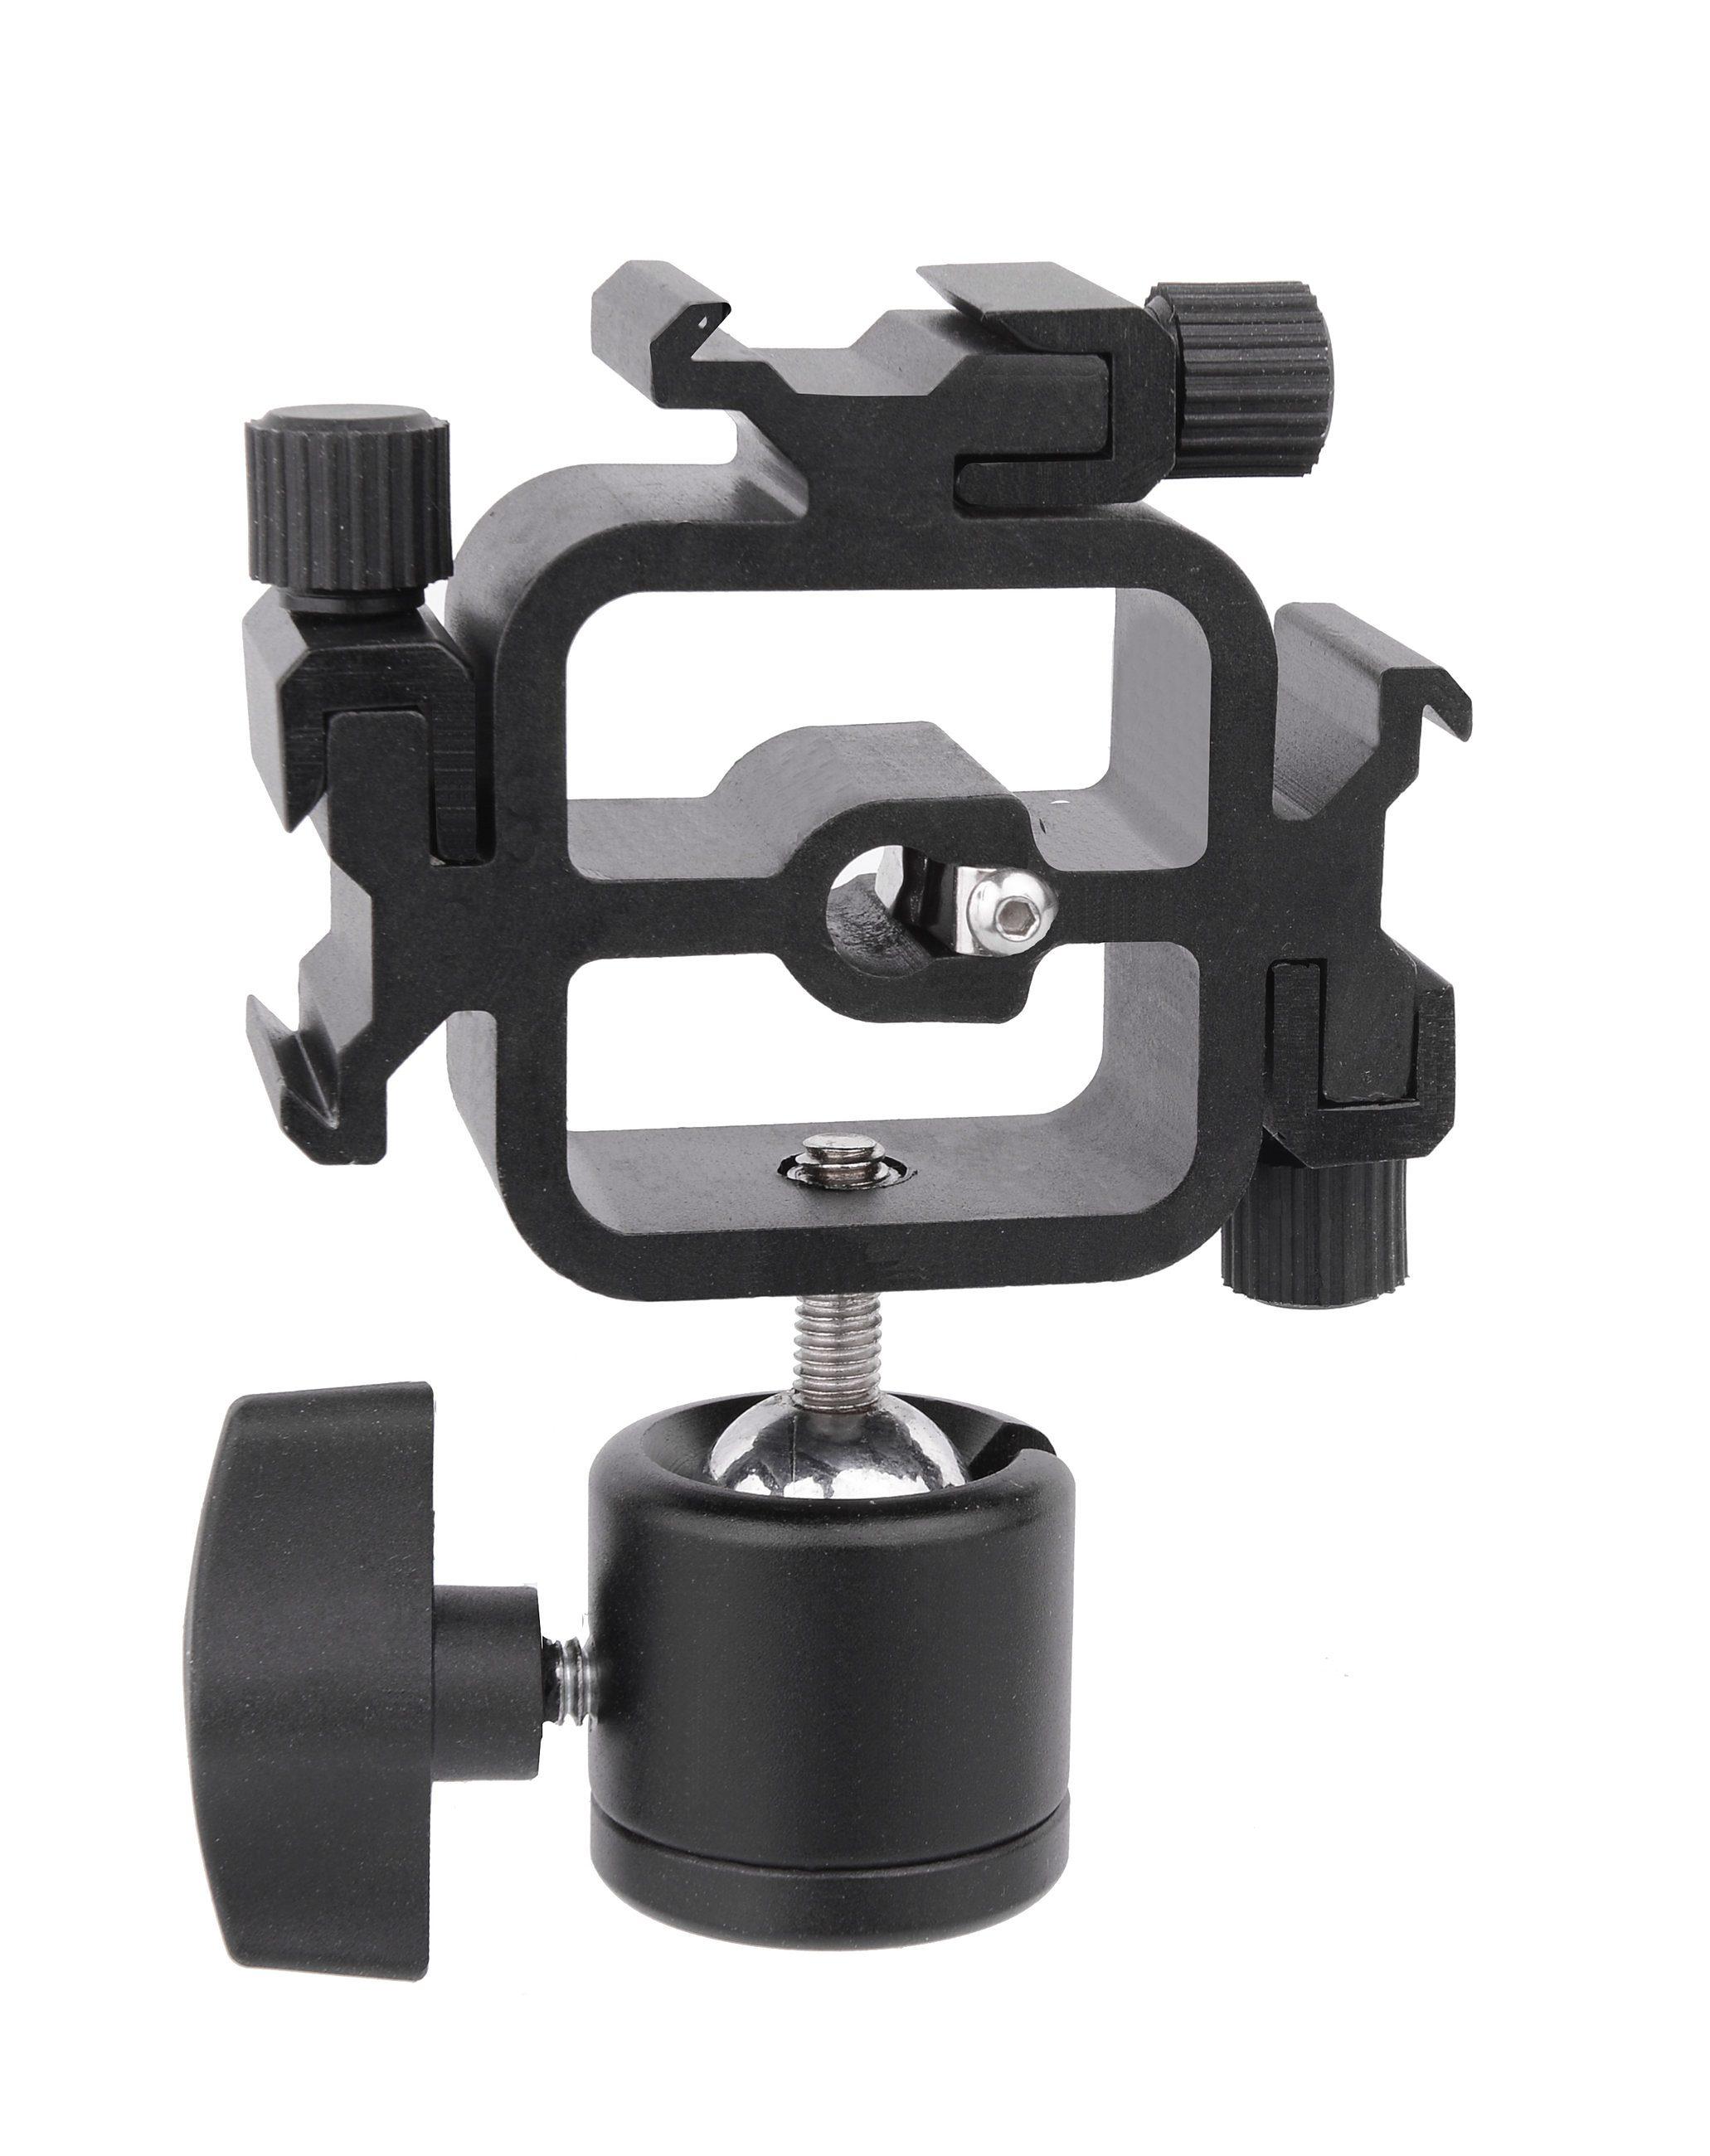 BRESSER Fotostudio »BRESSER JM-38 Blitzhalter für 3 Kamerablitzlichter«